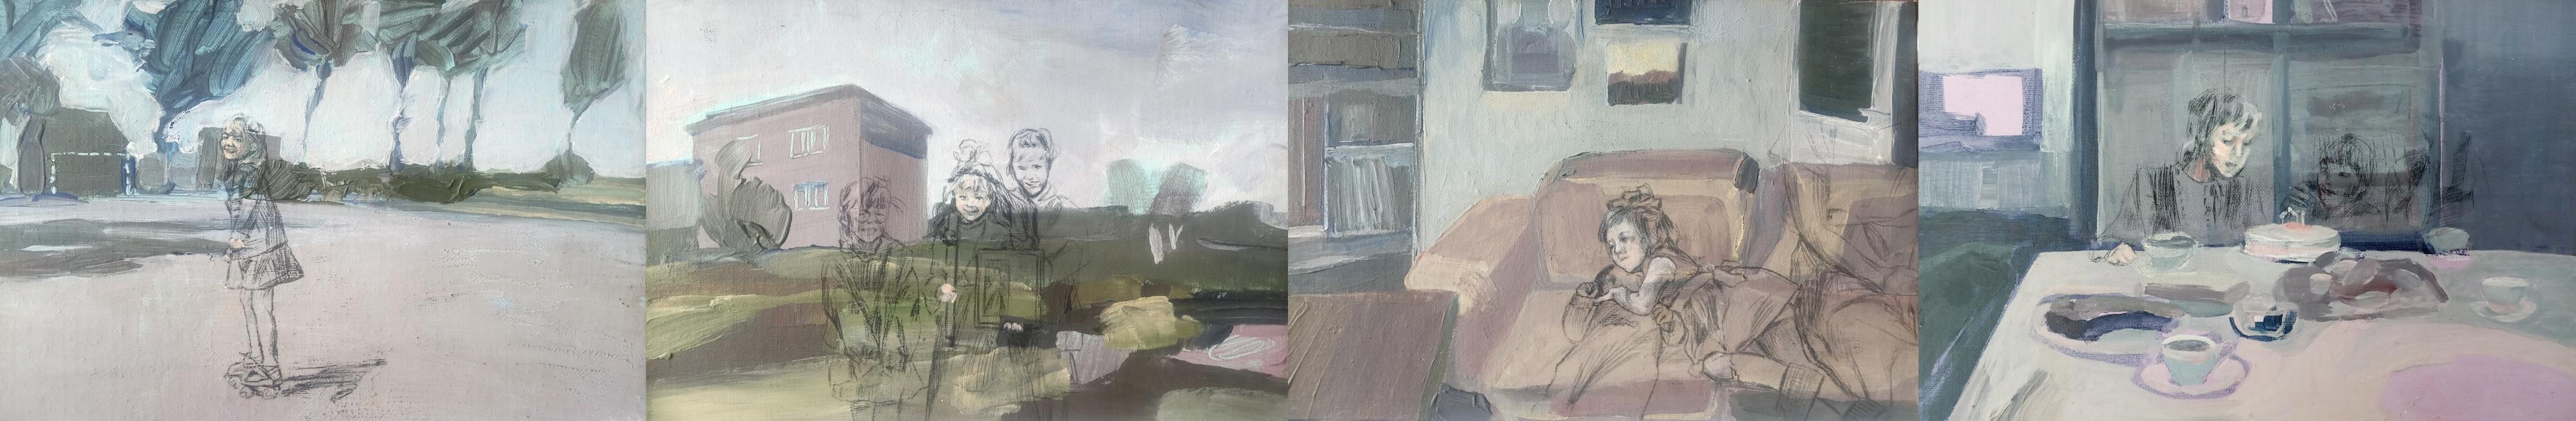 ROCZNICE, t. mieszana, 20x30, 2019-2020